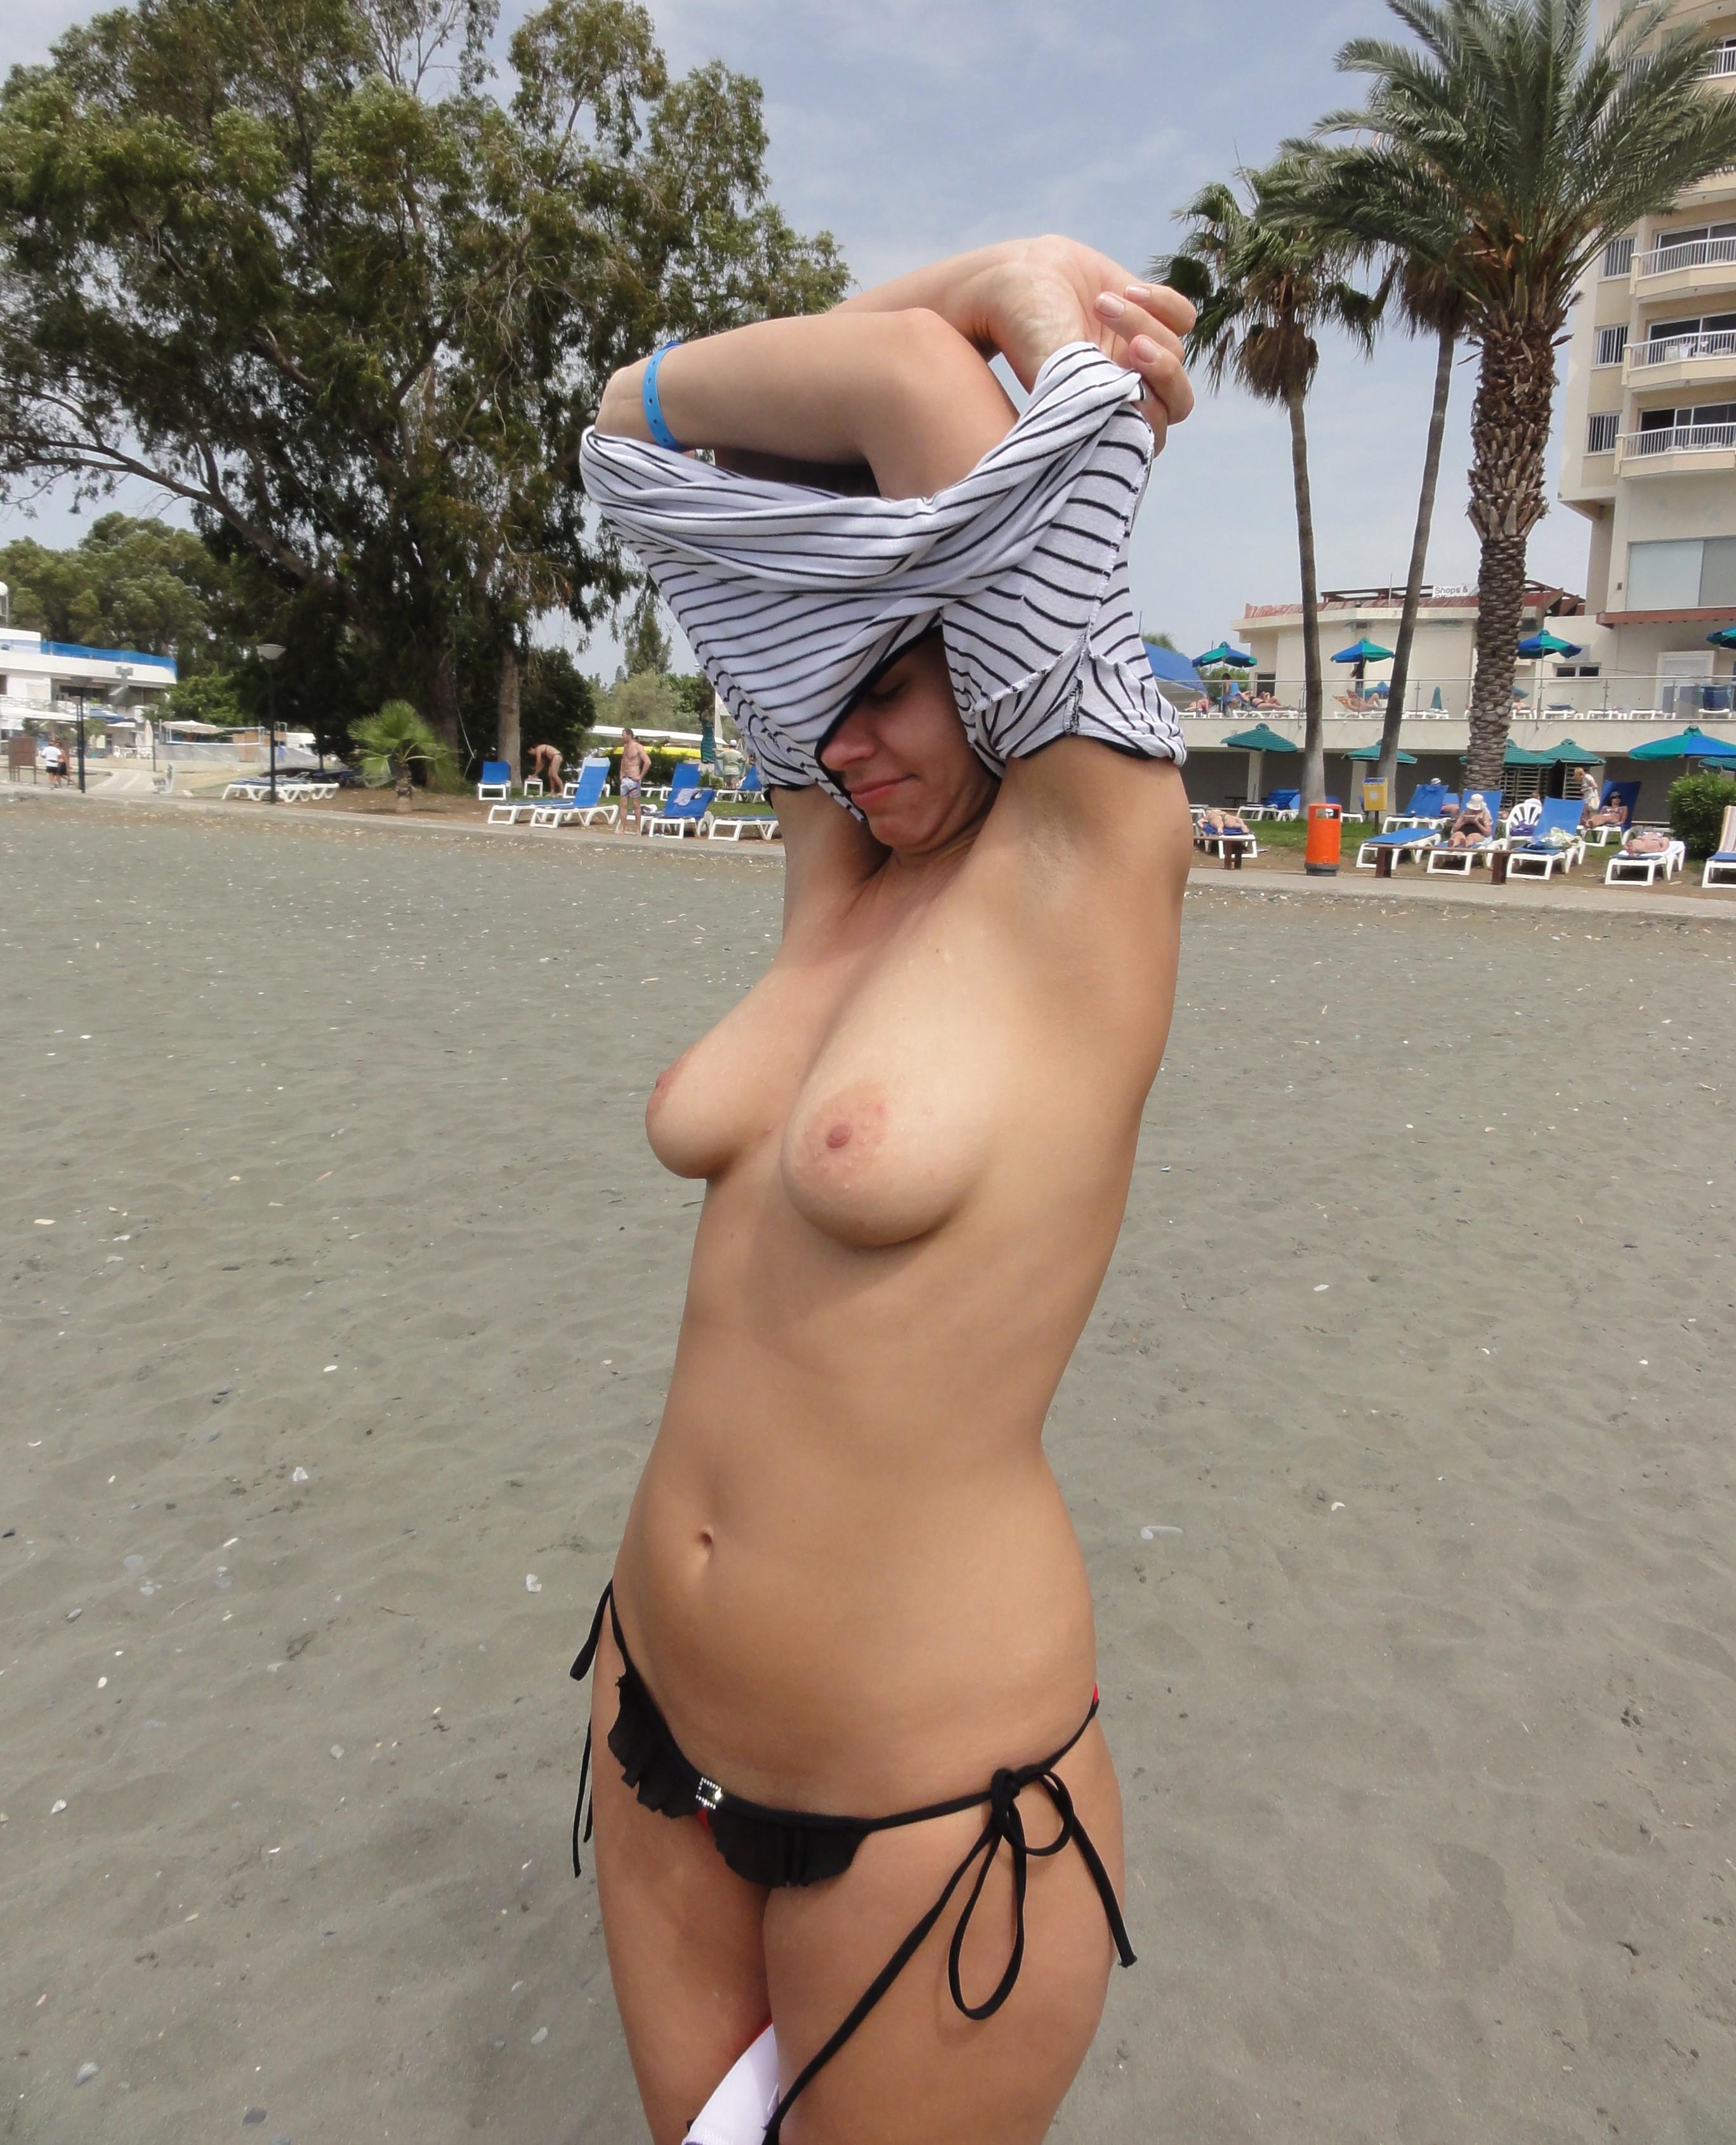 городе грудастая девушка на пляже сняла лифчик и всем мужчинам показывала сиськи видео вас ведь тоже